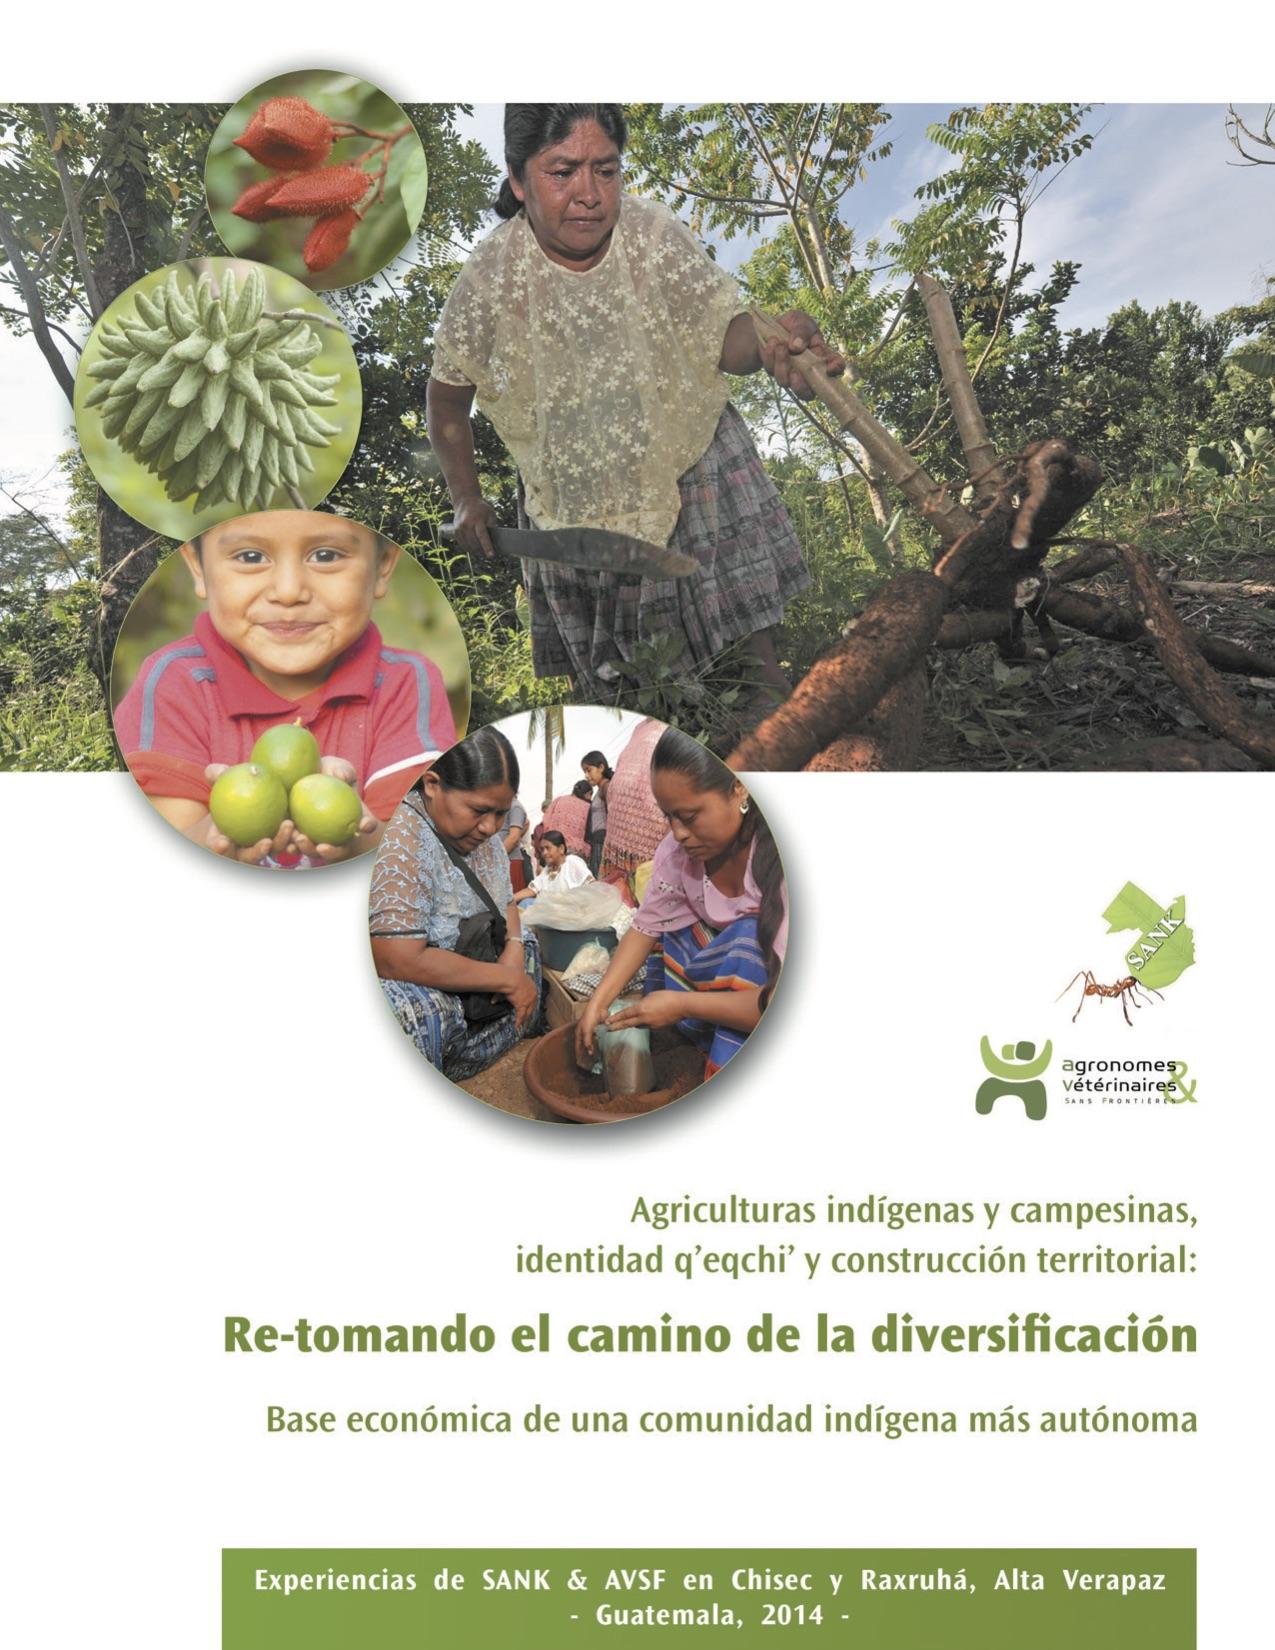 Agriculturas indígenas y campesinas, identiidad q'eqchi' y construcción territorial : re-tomando el camino de la diversificación  Image principale